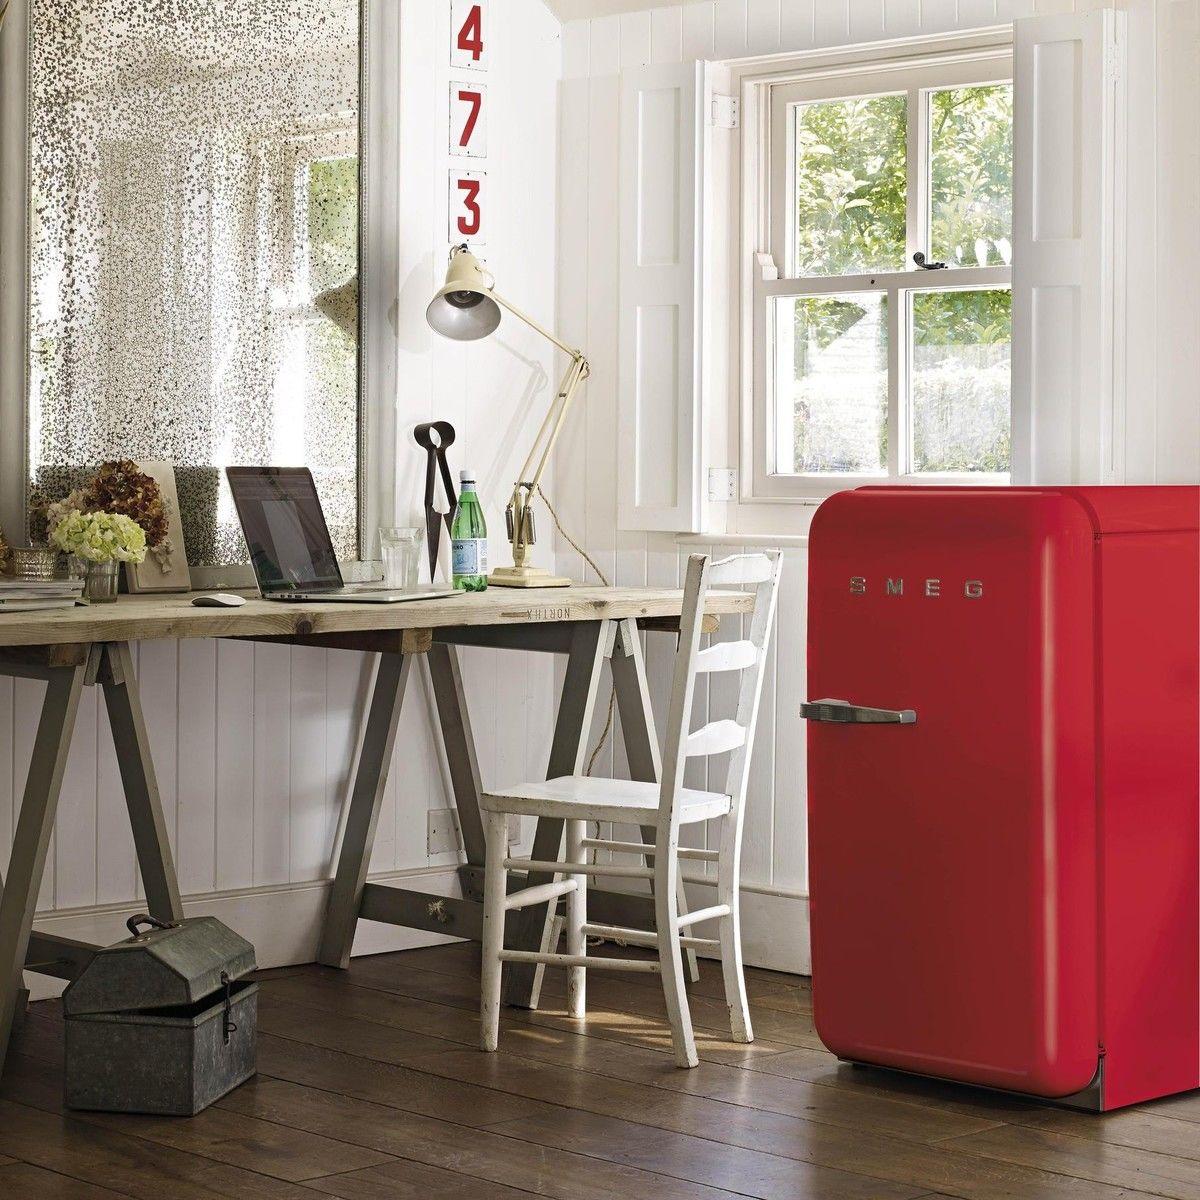 smeg fab10 refrigerator smeg. Black Bedroom Furniture Sets. Home Design Ideas